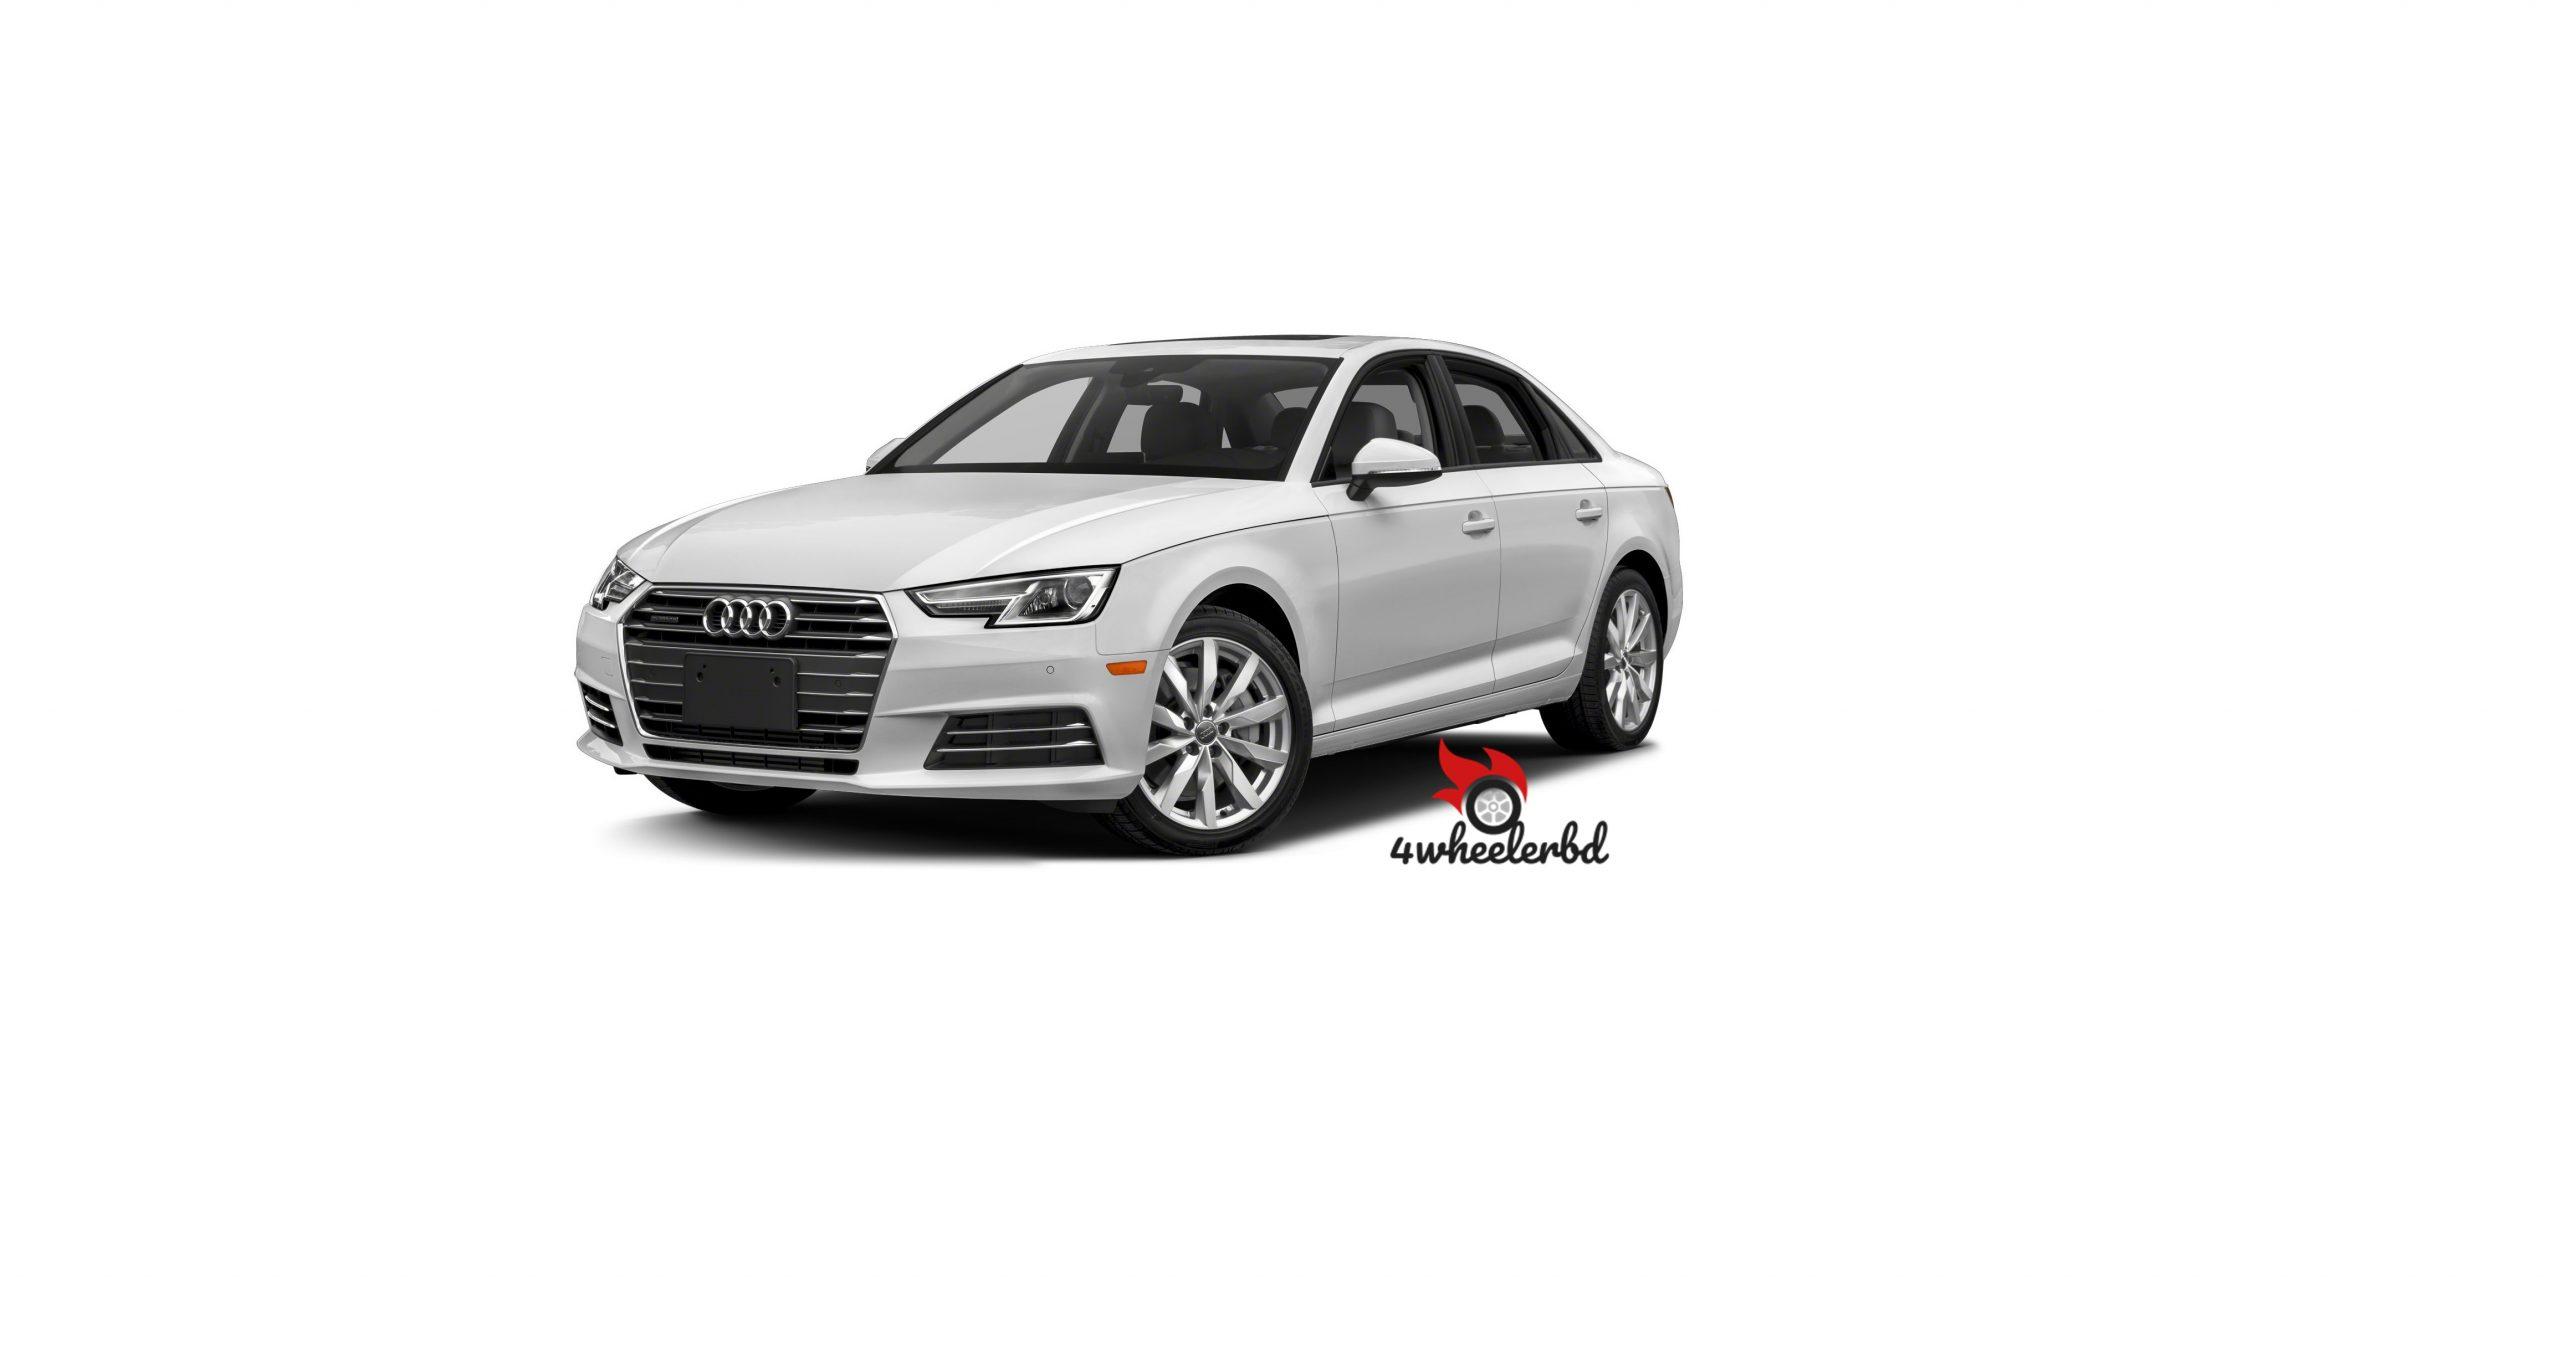 Audi A4 Price in BD